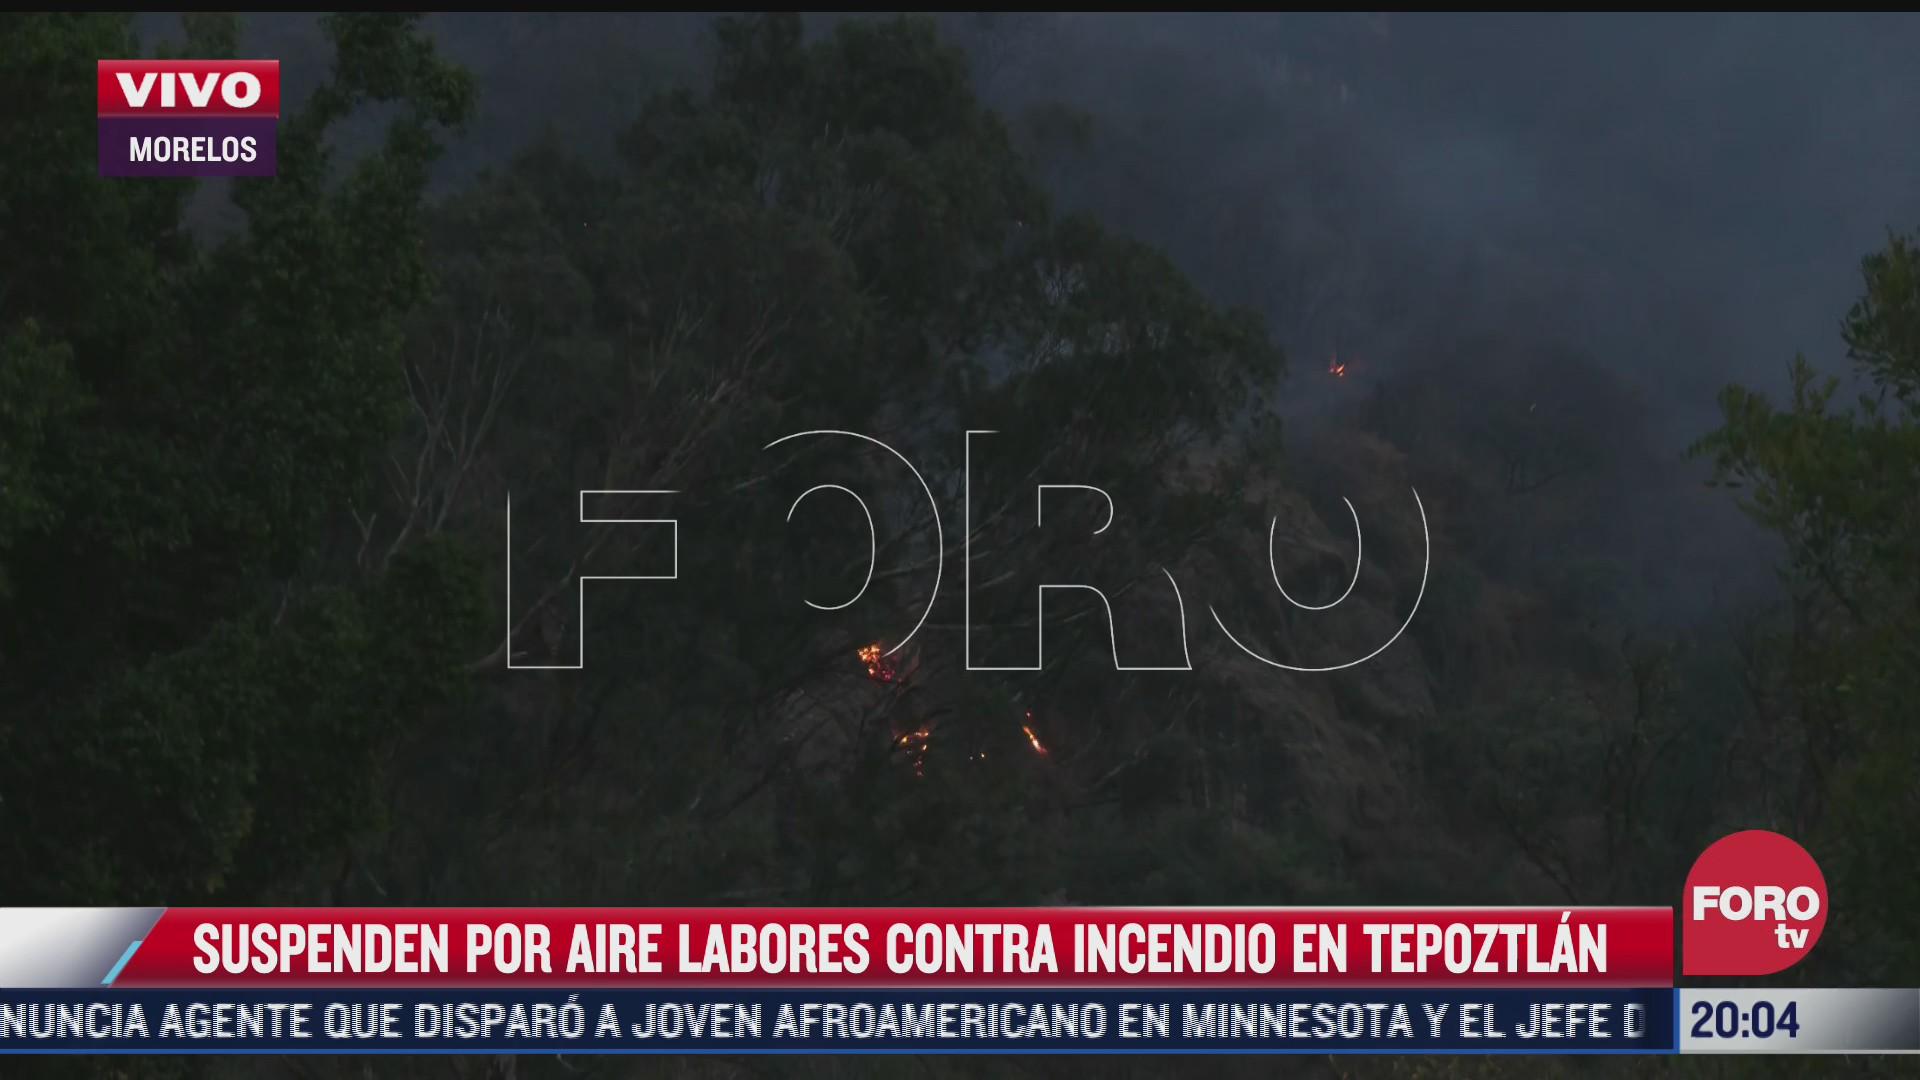 suspenden labores por aire contra incendio forestal en tepoztlan morelos